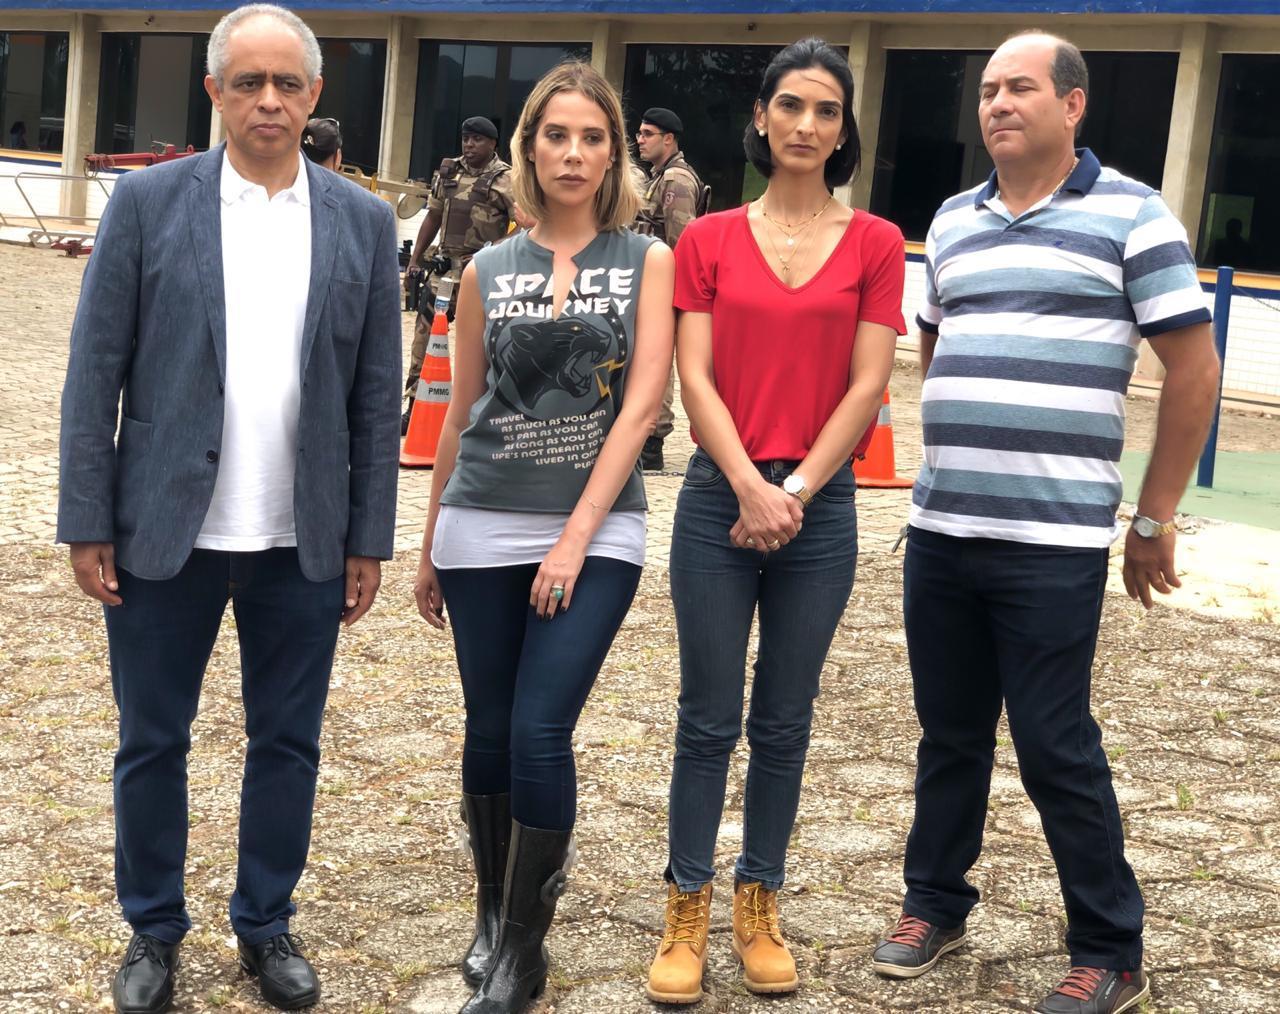 WhatsApp Image 2019 01 27 at 11.44.27 - BRUMADINHO: Paraibana na linha de frente considera legislação de barragens brasileira 'muito permissiva'